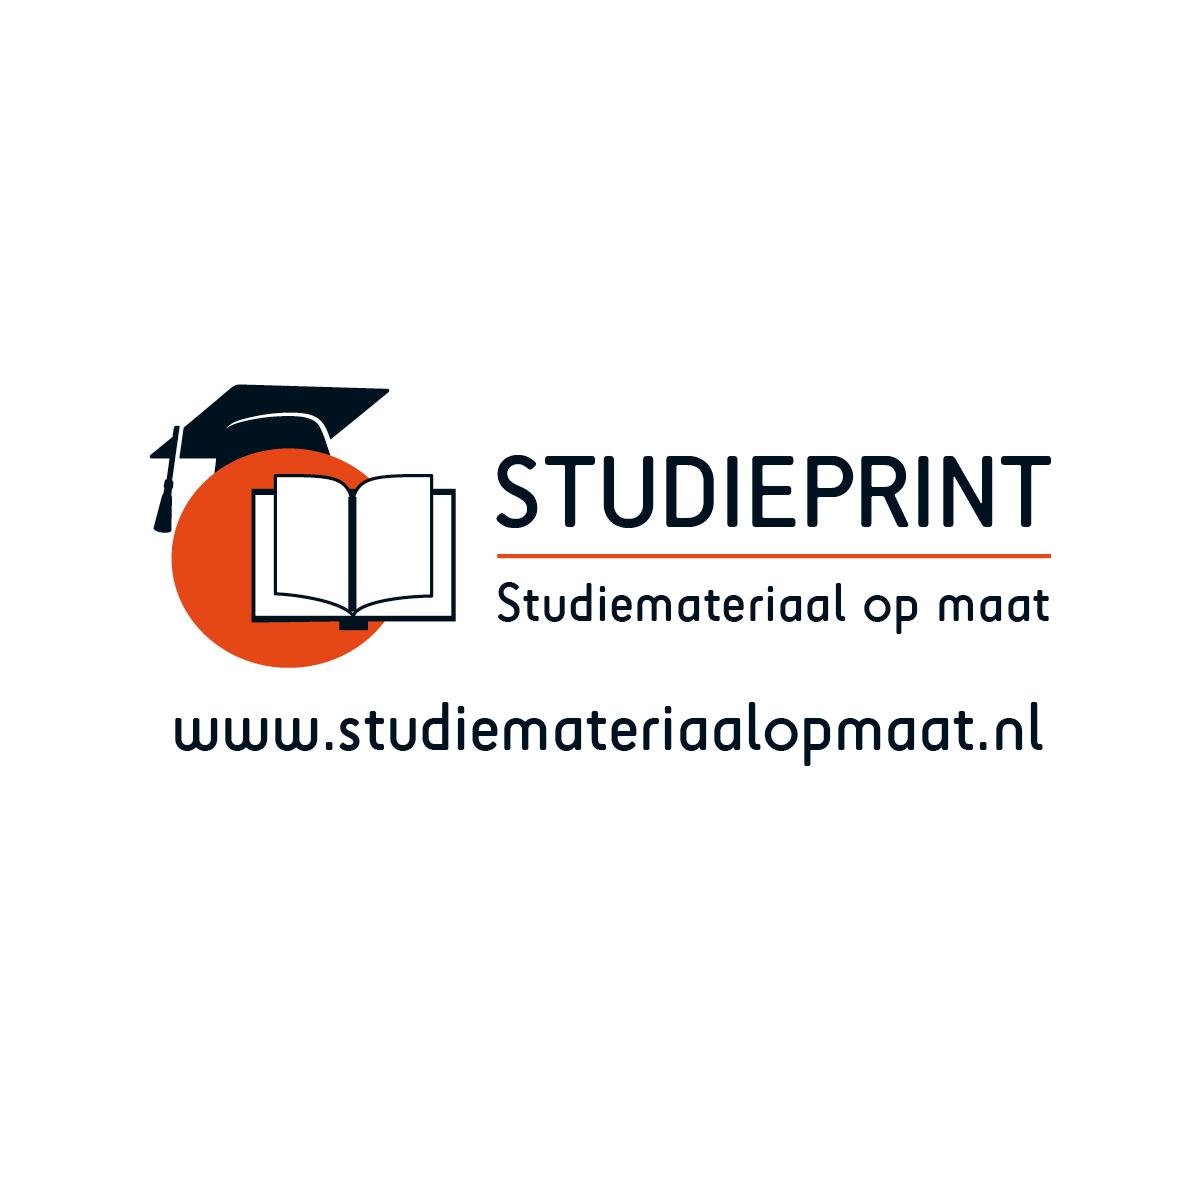 studieprintlogo